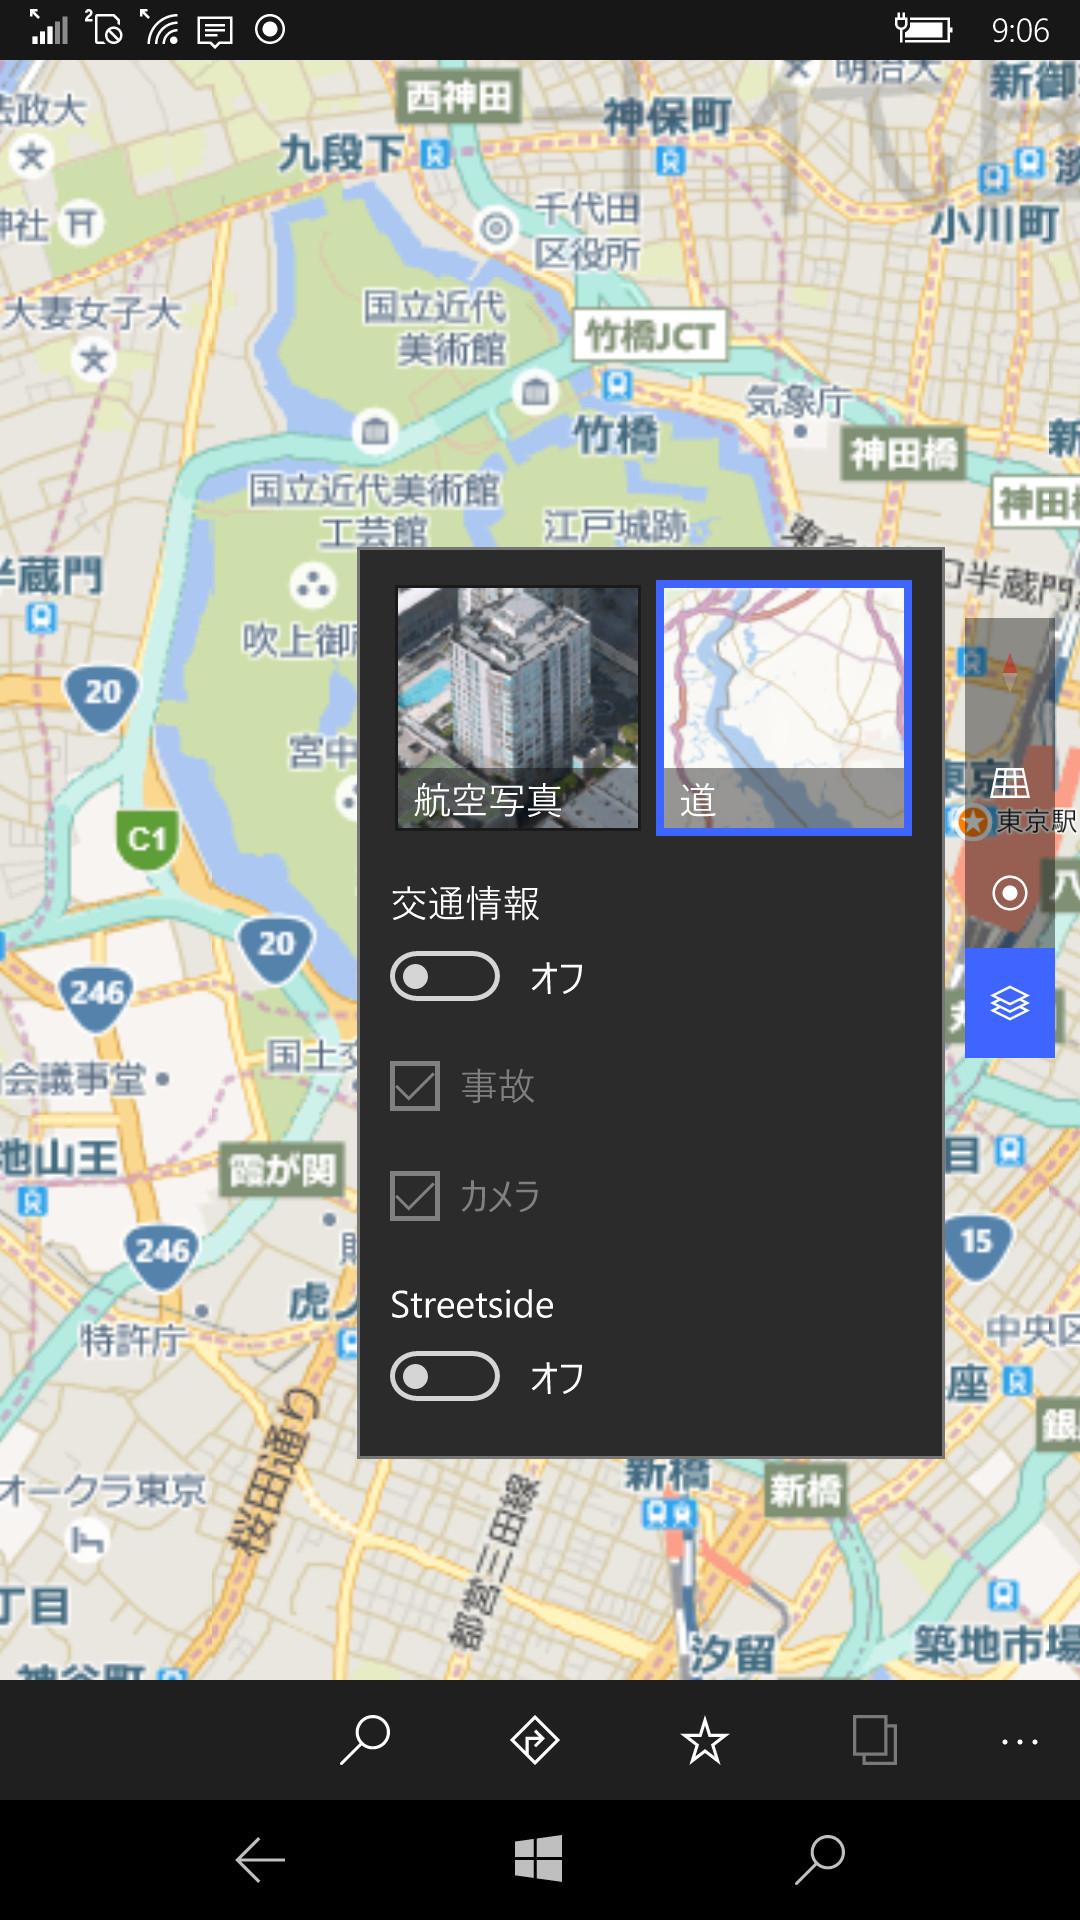 アプリバーの[マップビュー]ボタンをタップし、[交通情報]のスイッチをタップしてスイッチをONに切り換える